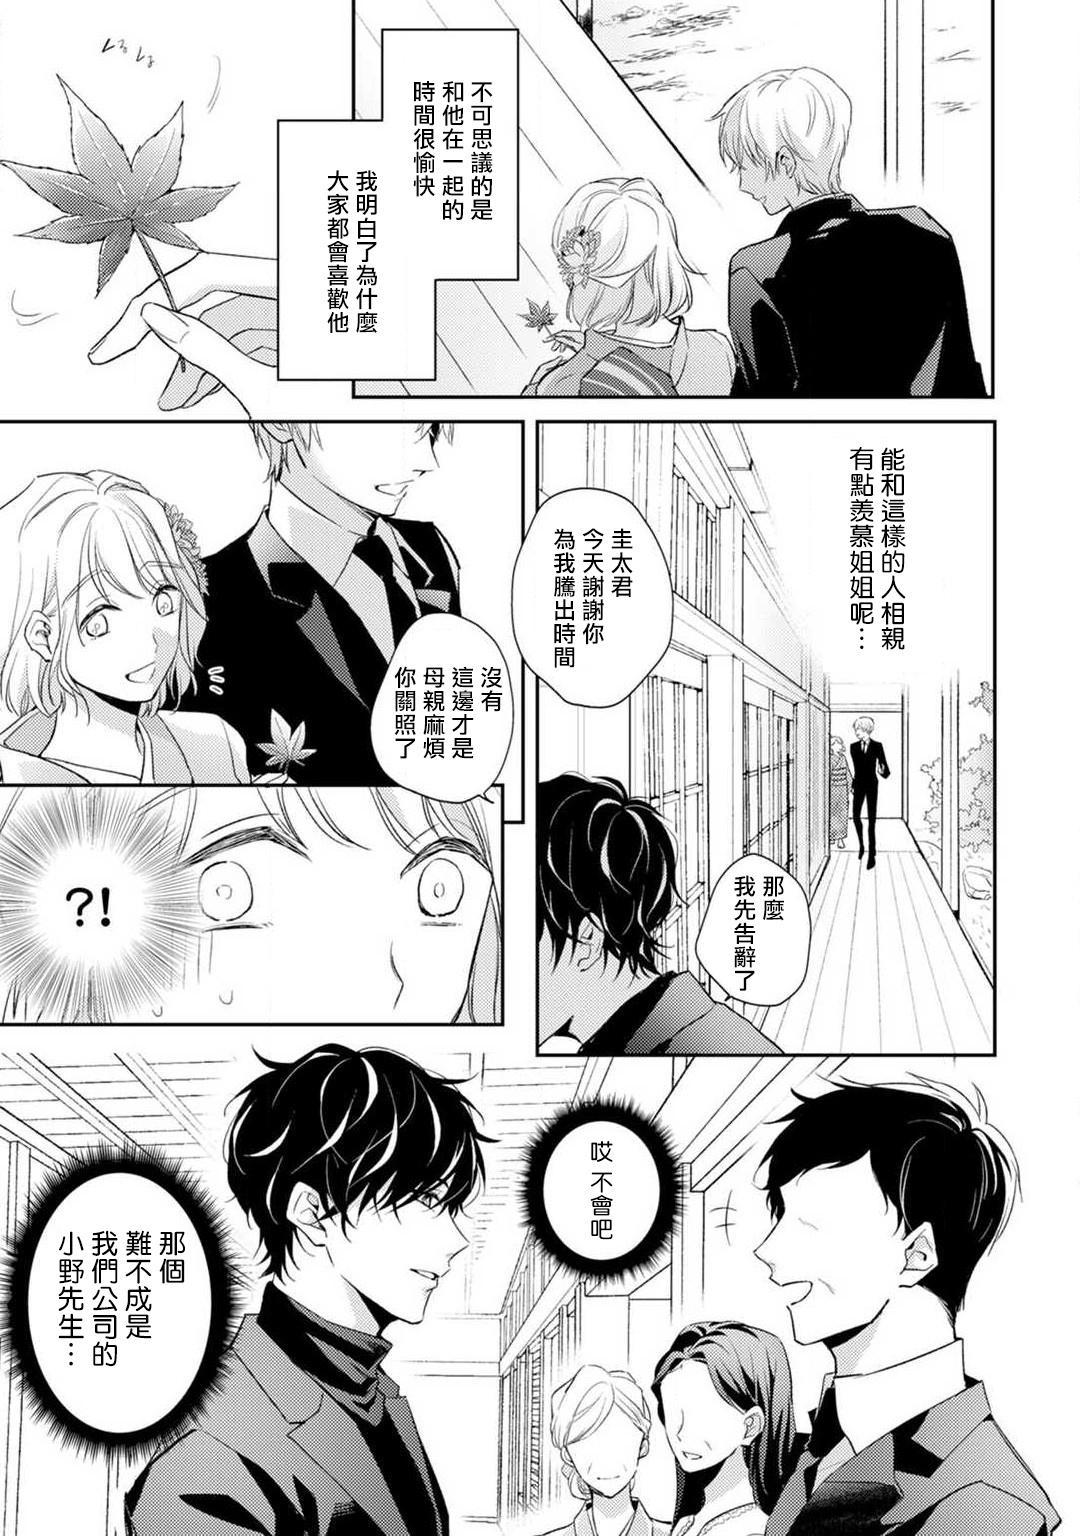 [Shichigatsu Motomi]  Sonna Kao shite, Sasotteru? ~Dekiai Shachou to Migawari Omiaikekkon!?~ 1-11  這種表情,在誘惑我嗎?~溺愛社長和替身相親結婚!? [Chinese] [拾荒者汉化组] 13